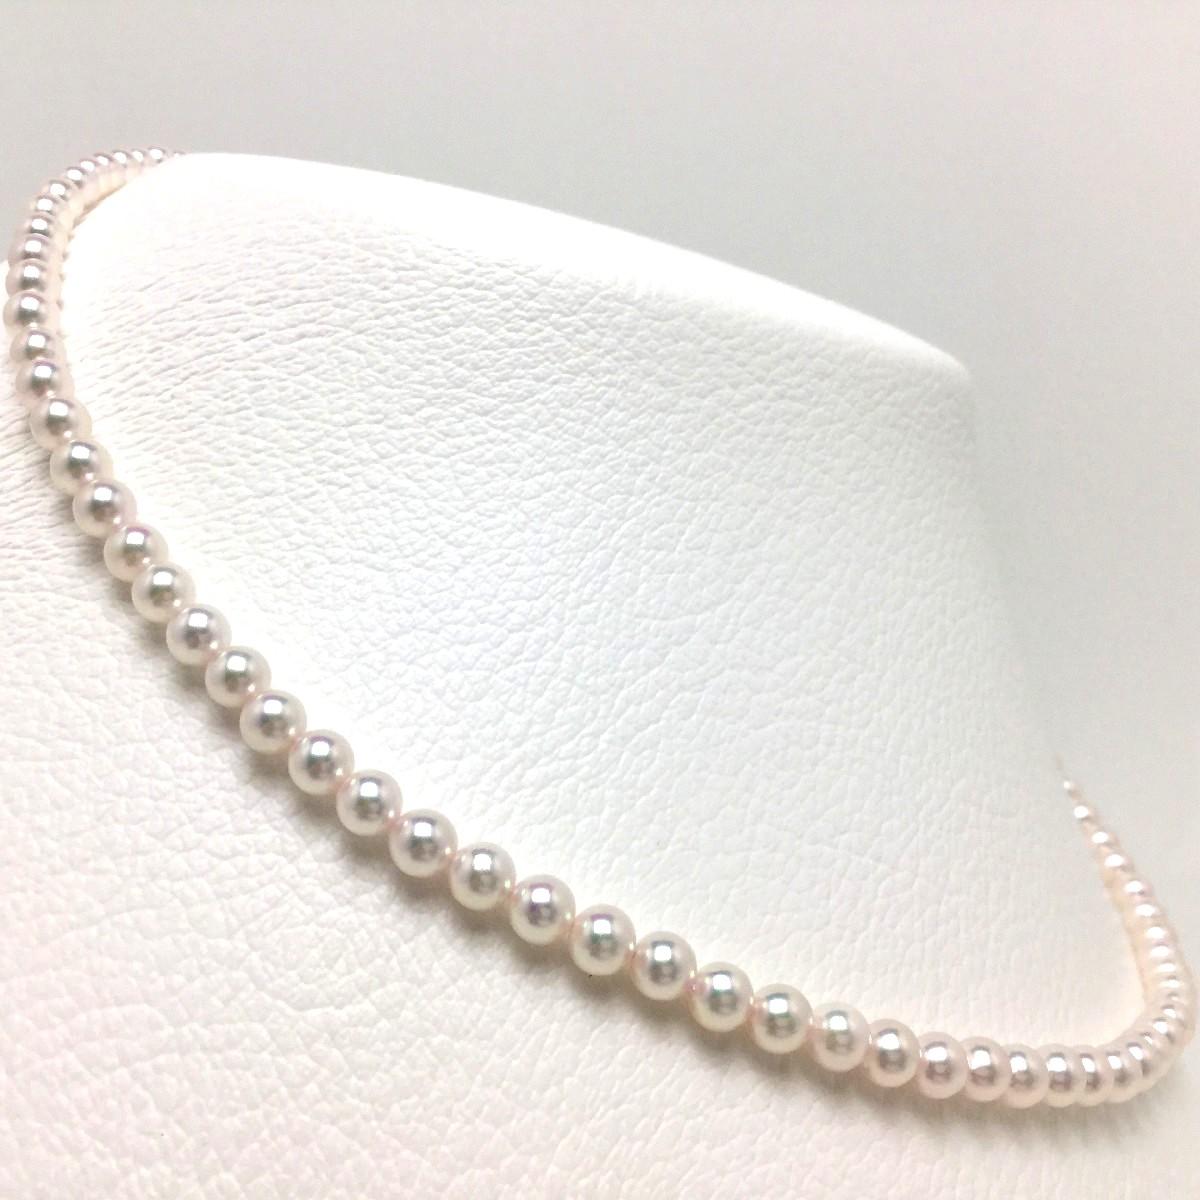 真珠 ネックレス パール 花珠 アコヤ真珠 4.5-5.0mm ホワイトピンク シルバー クラスップ 66441 イソワパール